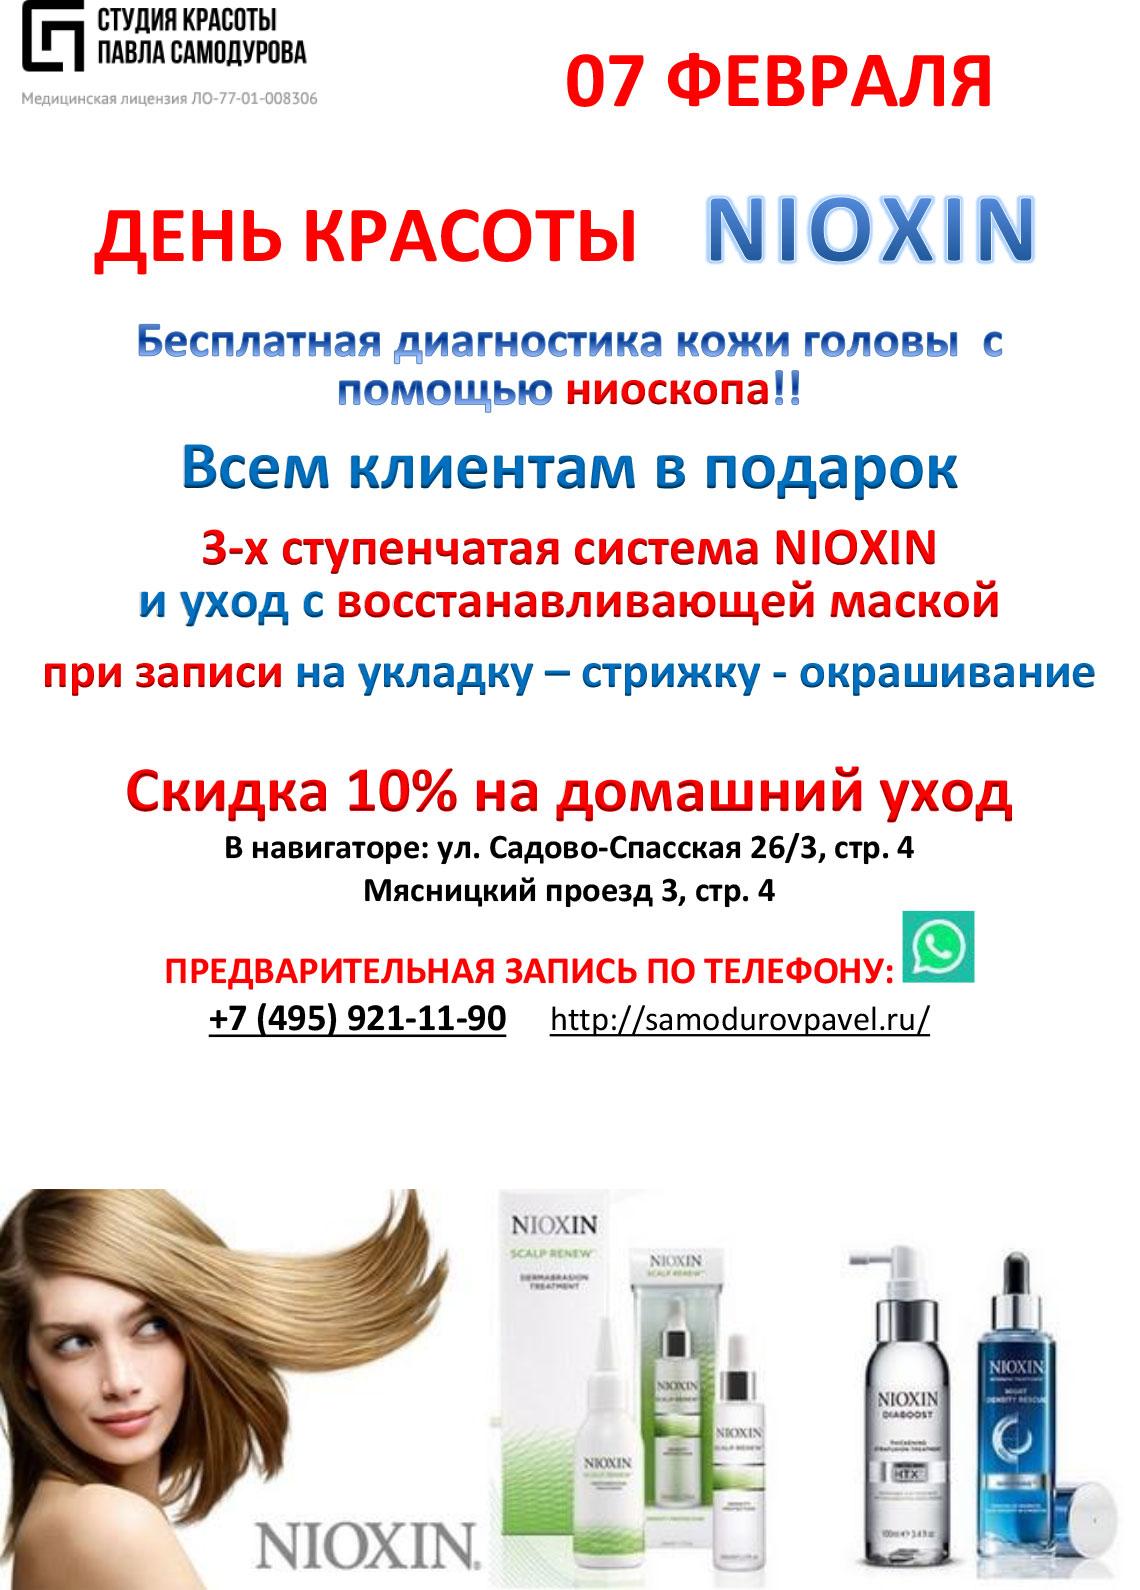 07 февраля - день красоты Ниоксин